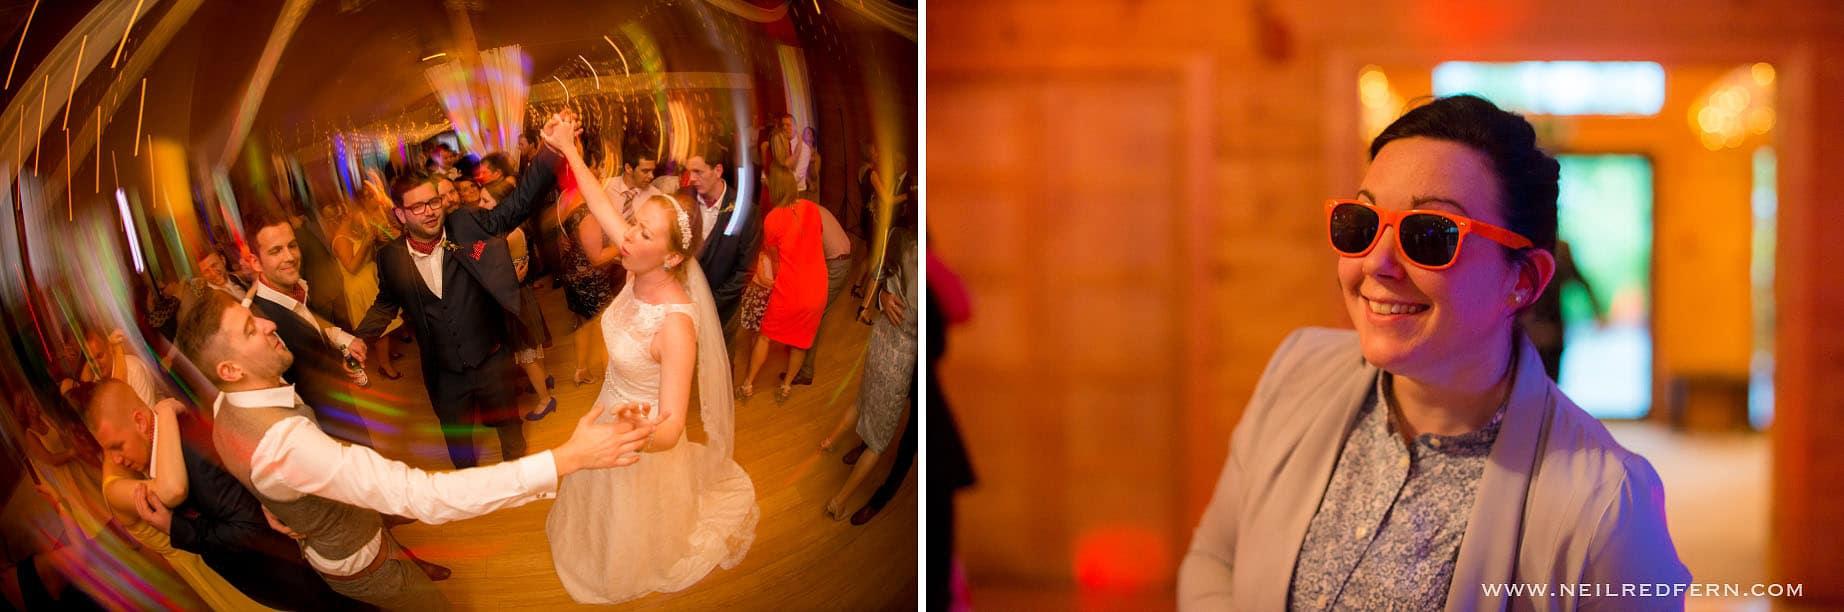 Styal Lodge wedding photographer 58